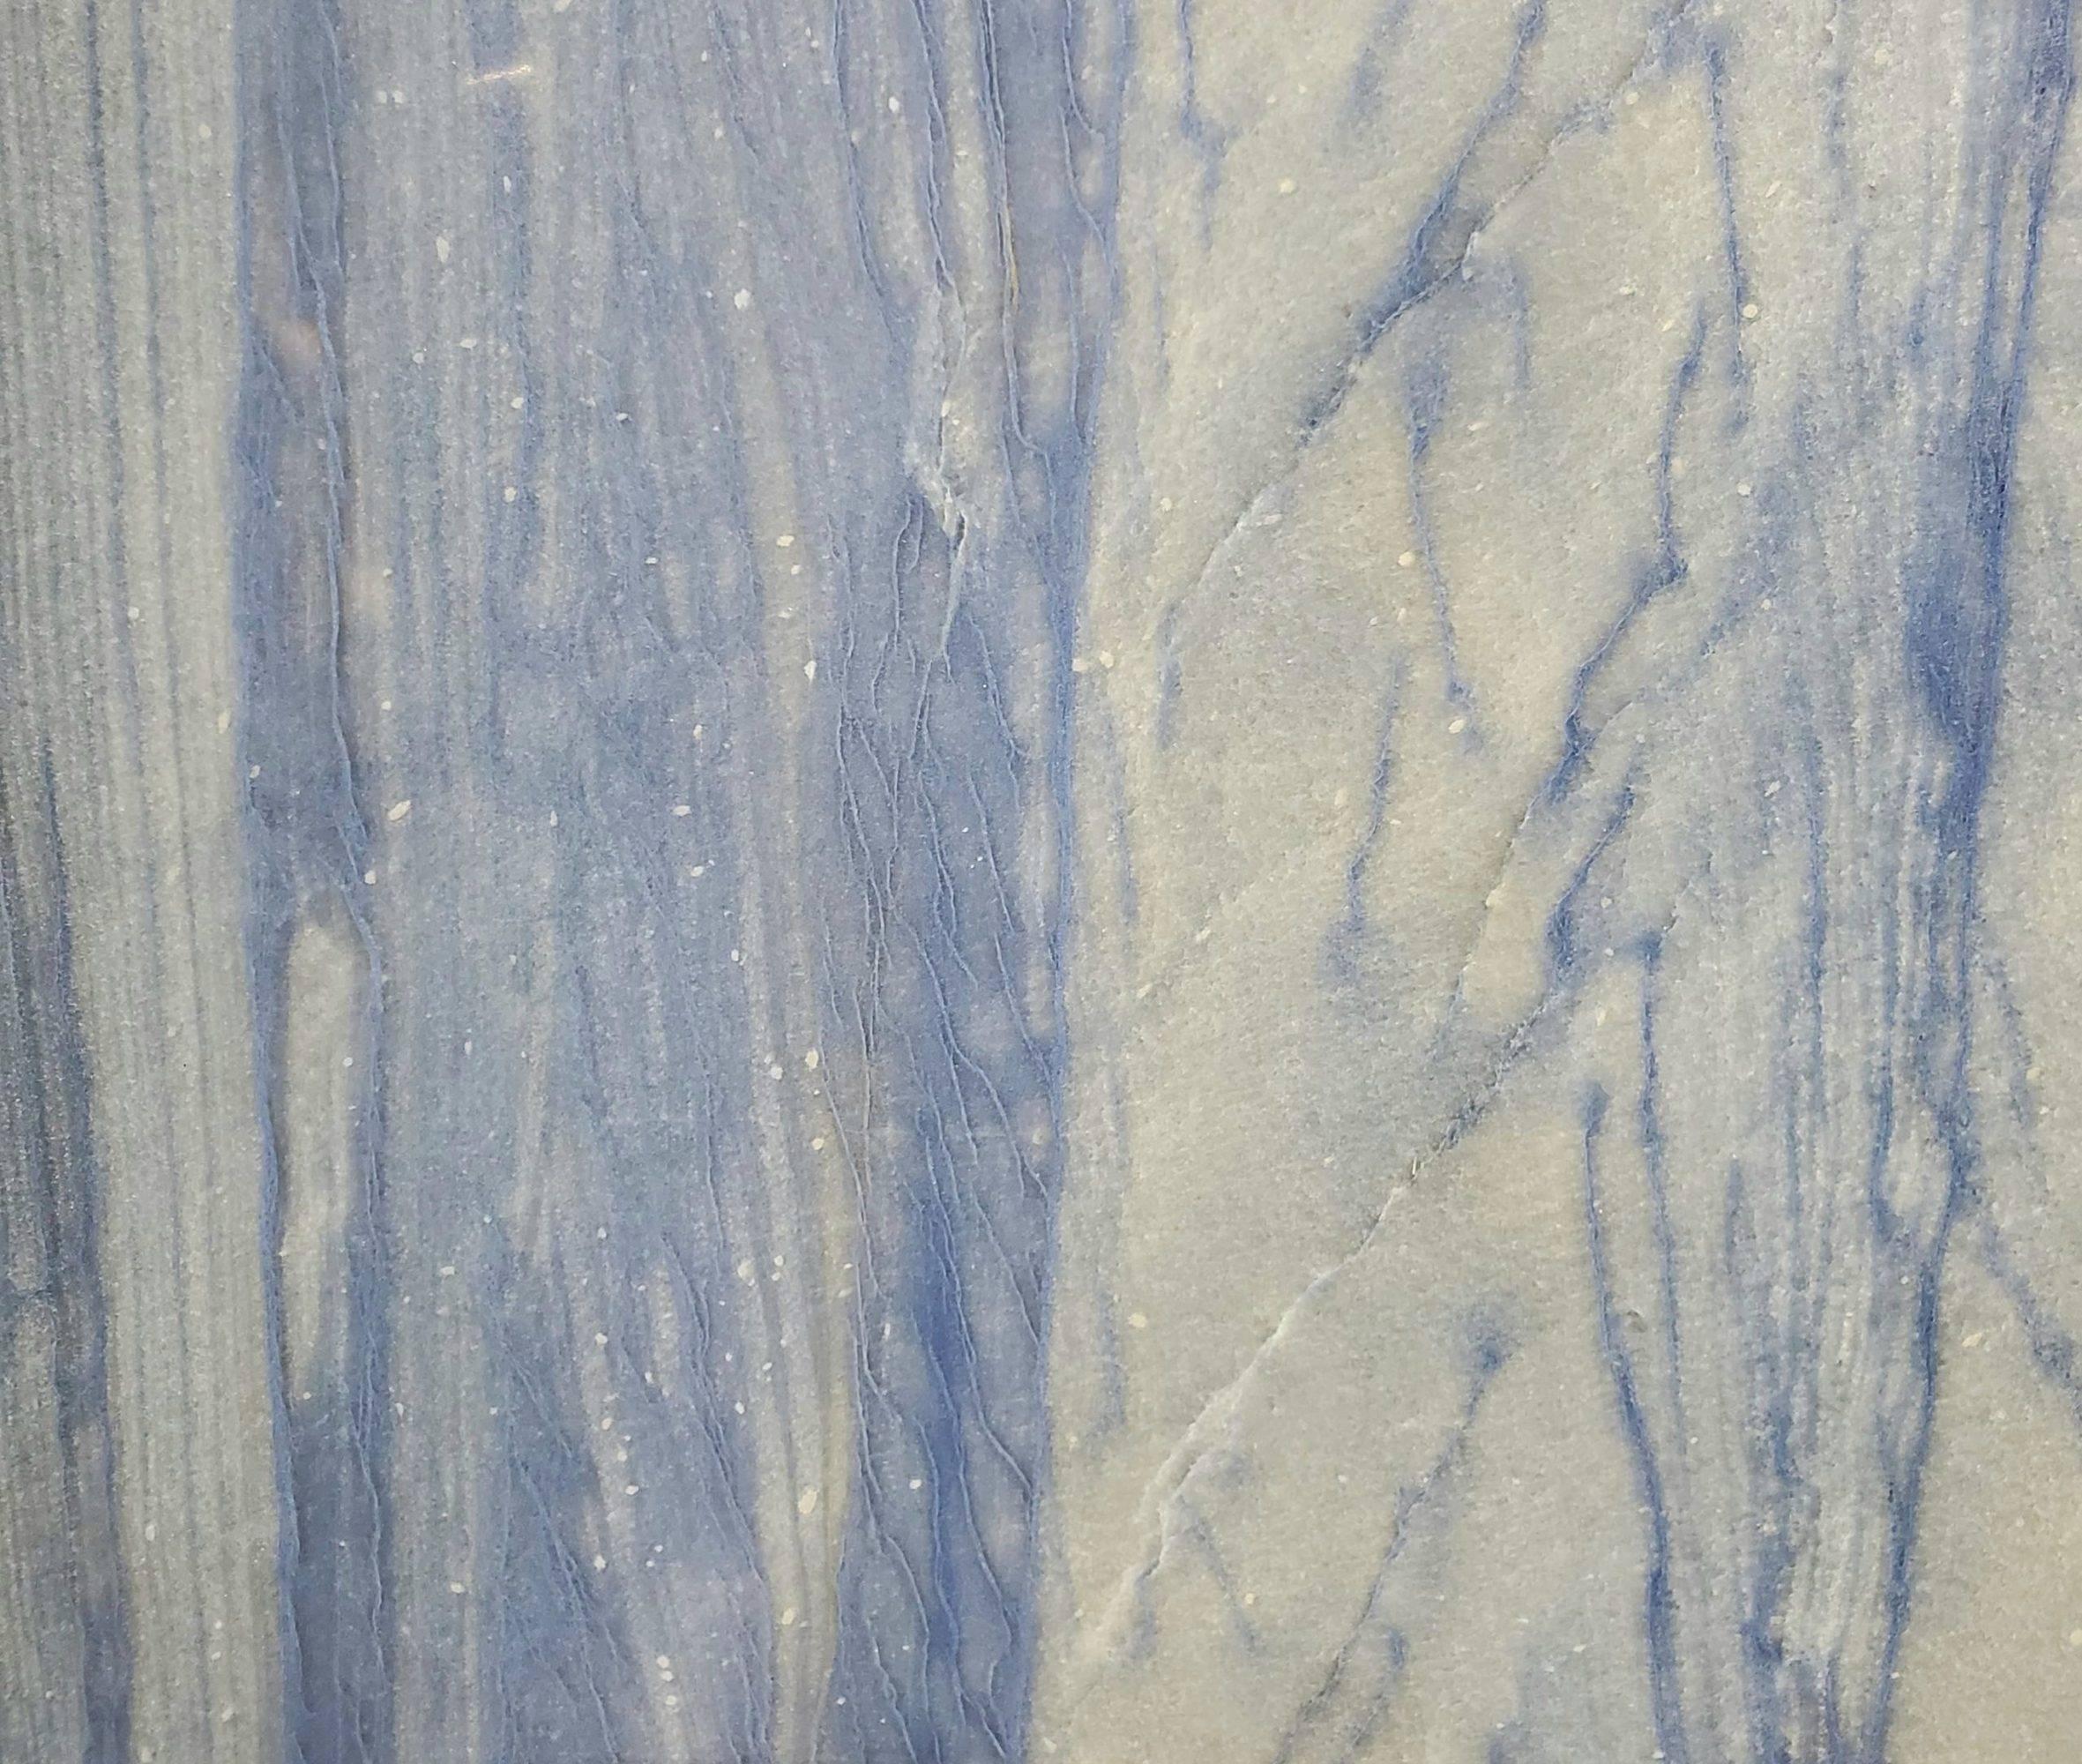 Blue Macaubas Quartzite Close Up Scaled 1, Primestones® Granite, Quartz, Marble